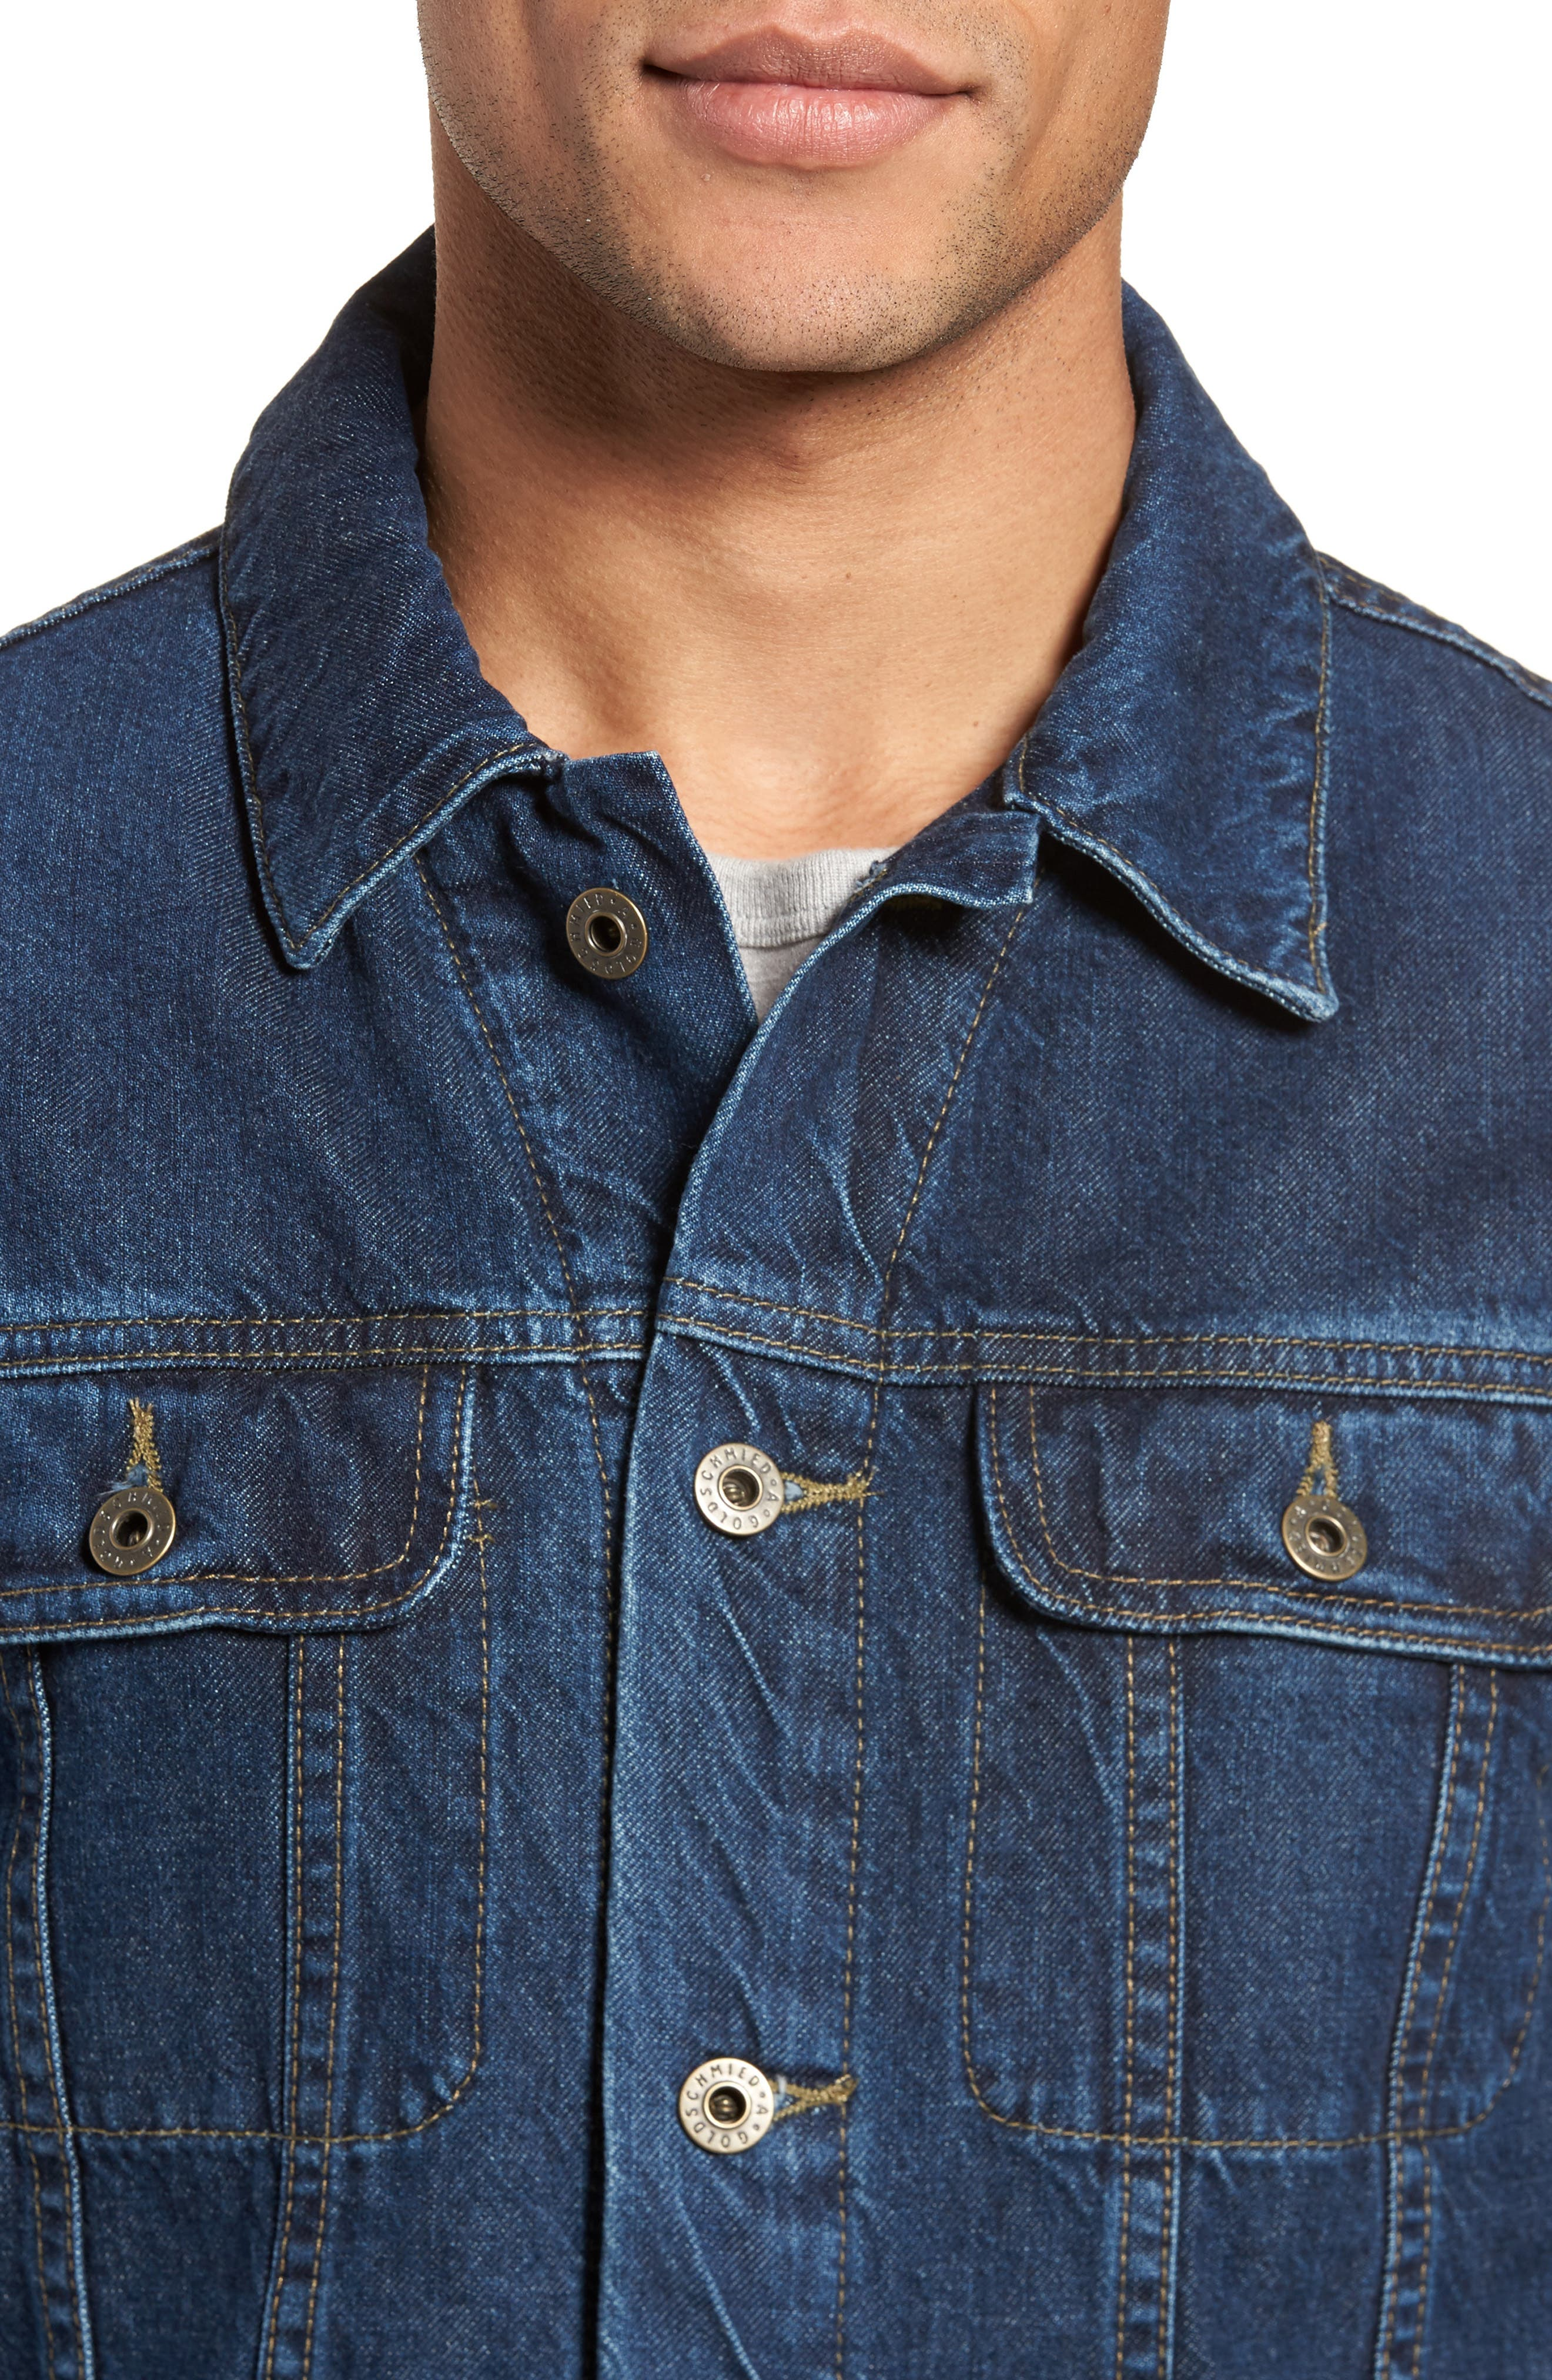 Regular Fit Lined Denim Jacket,                             Alternate thumbnail 4, color,